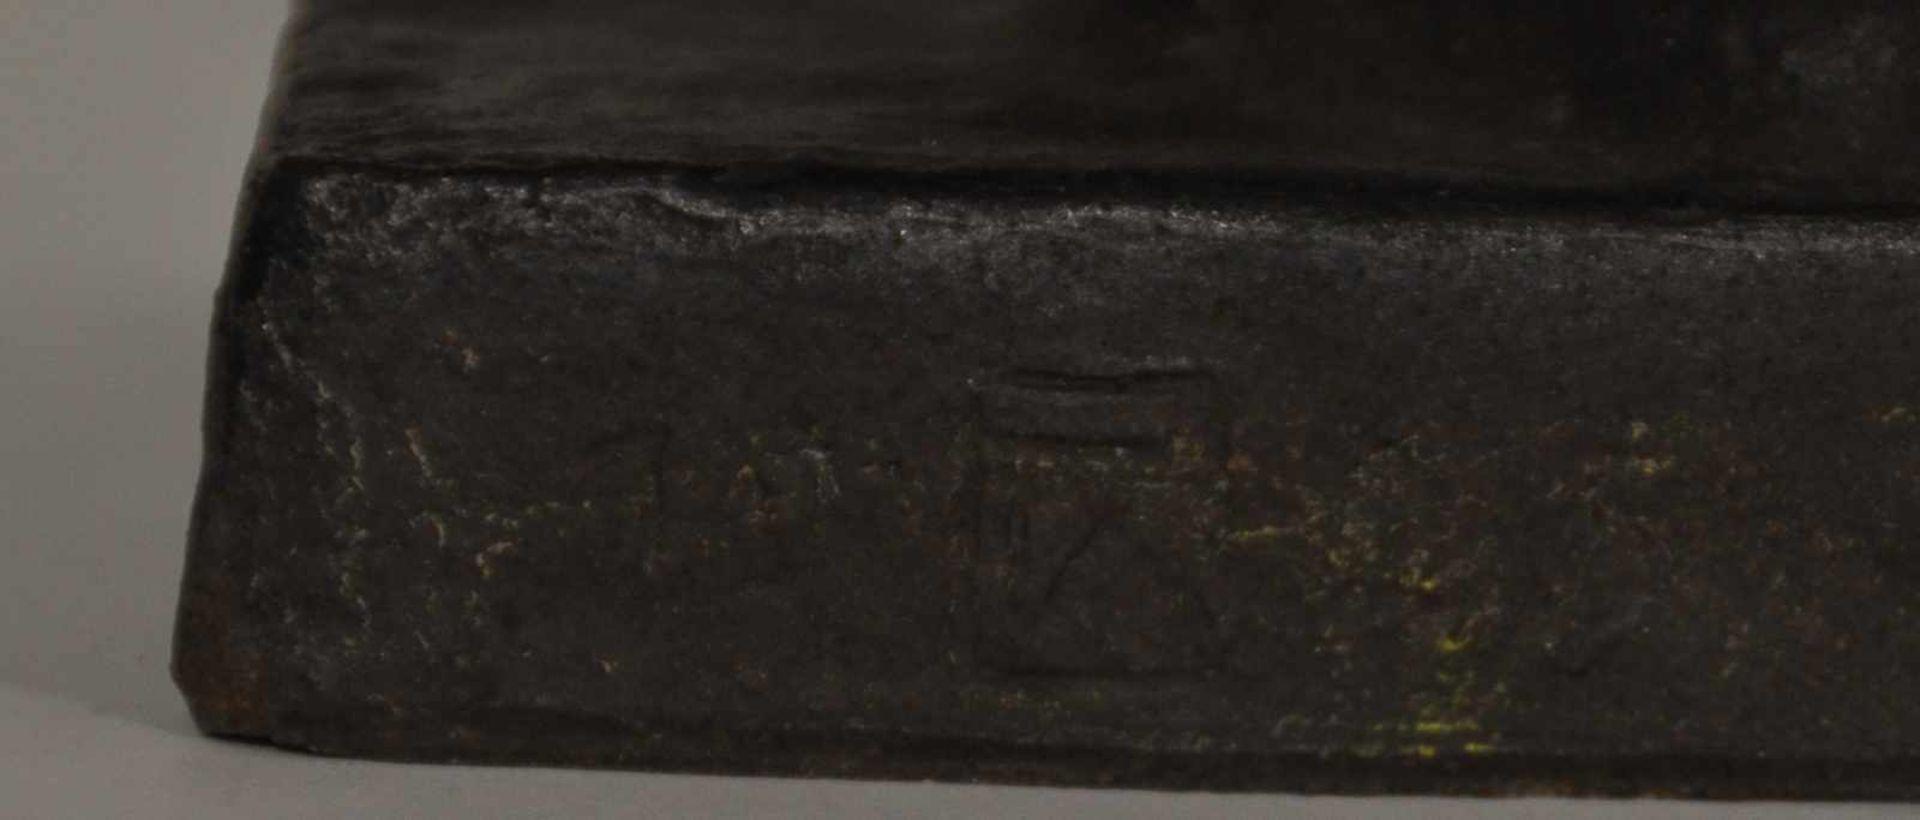 """Braunbär, deutsch 1920,dunkelbrauner Ton, gebrannt, Monogrammist """"EW"""" und 1920 datiert, 30 x 40 x 16 - Bild 2 aus 2"""